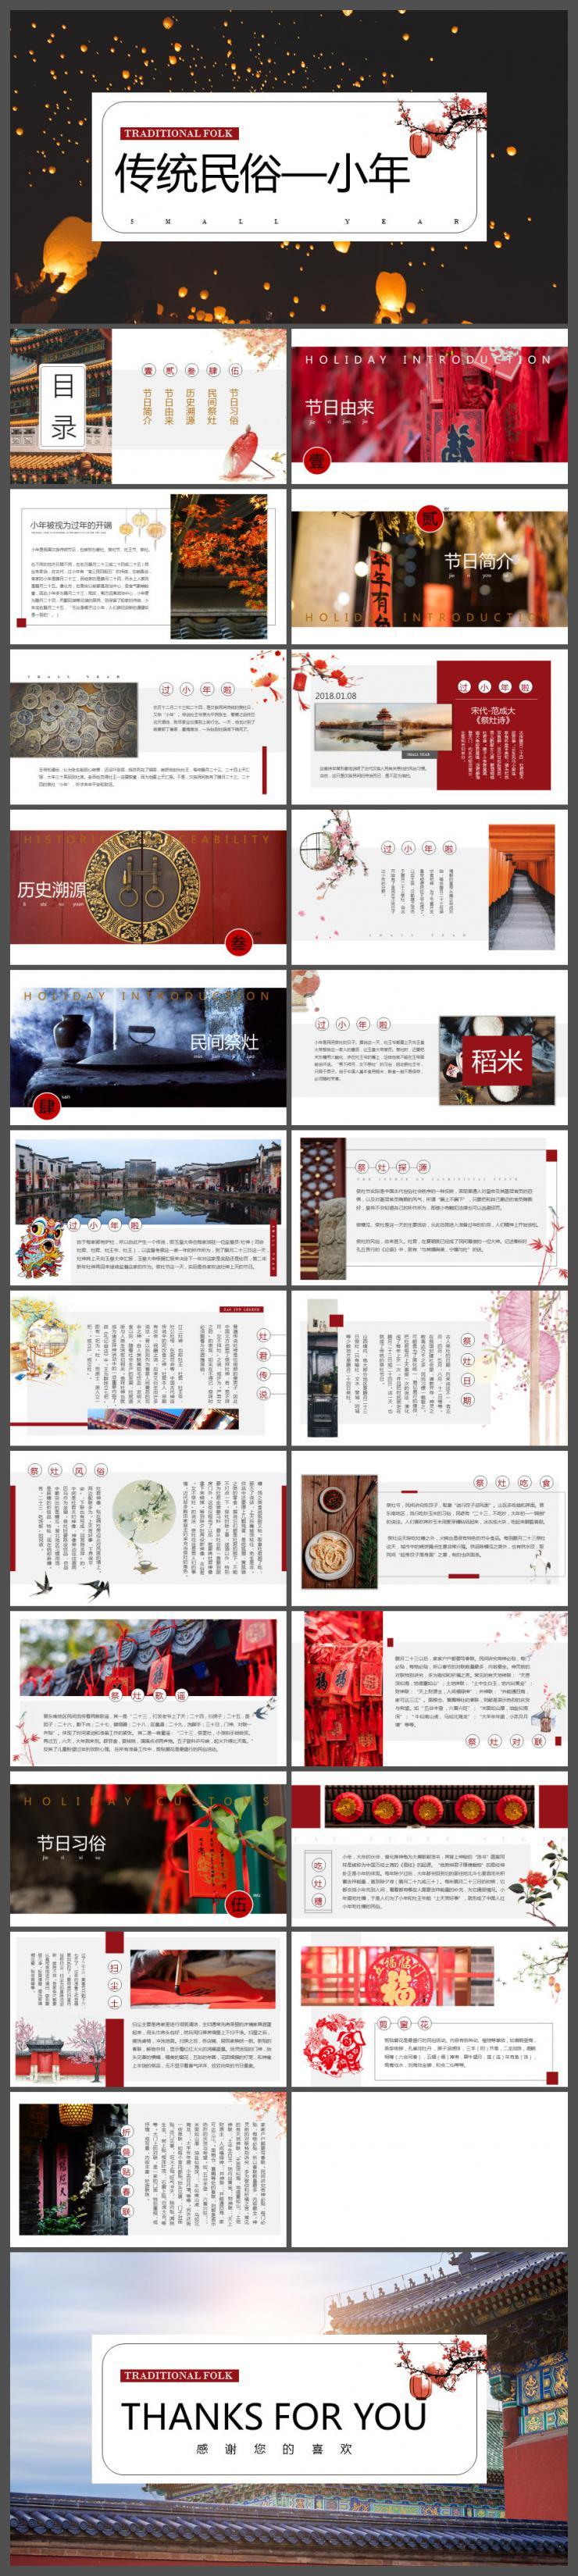 中国风传统民俗节日过小年介绍